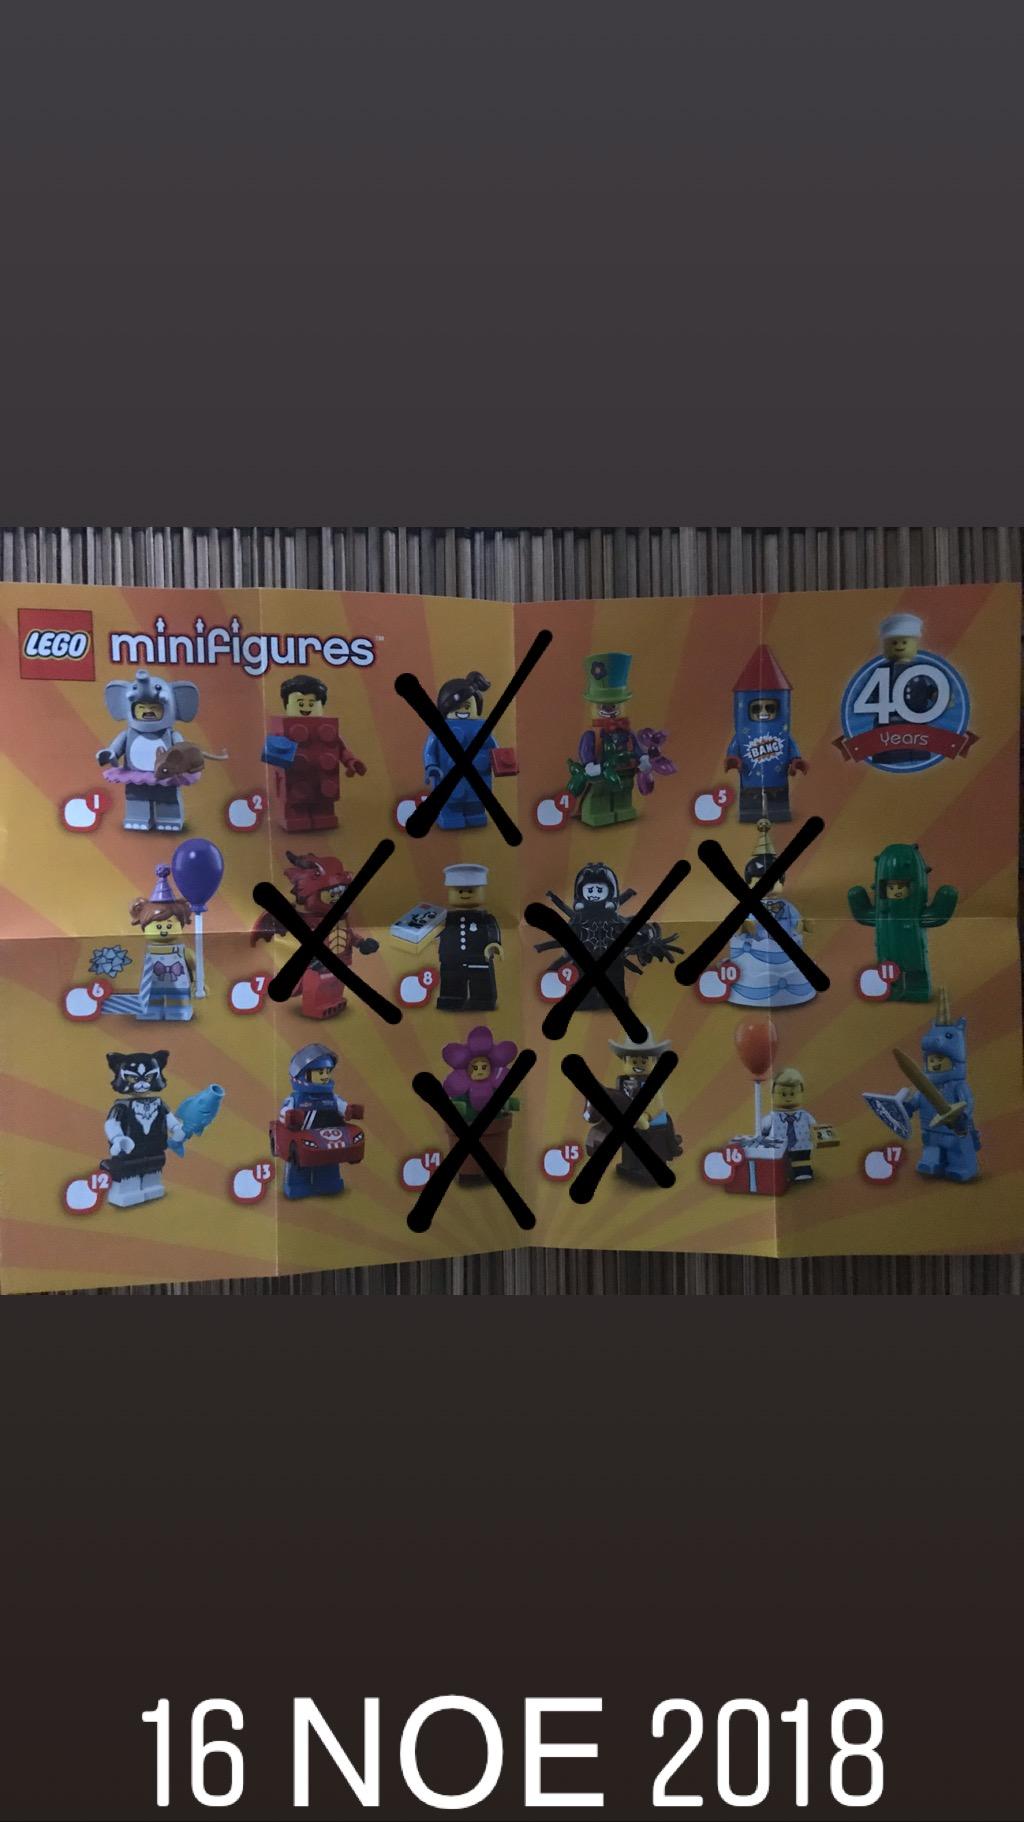 Ζητούνται bricks / parts / minifigures / sets. - Σελίδα 4 Fb2bbe10